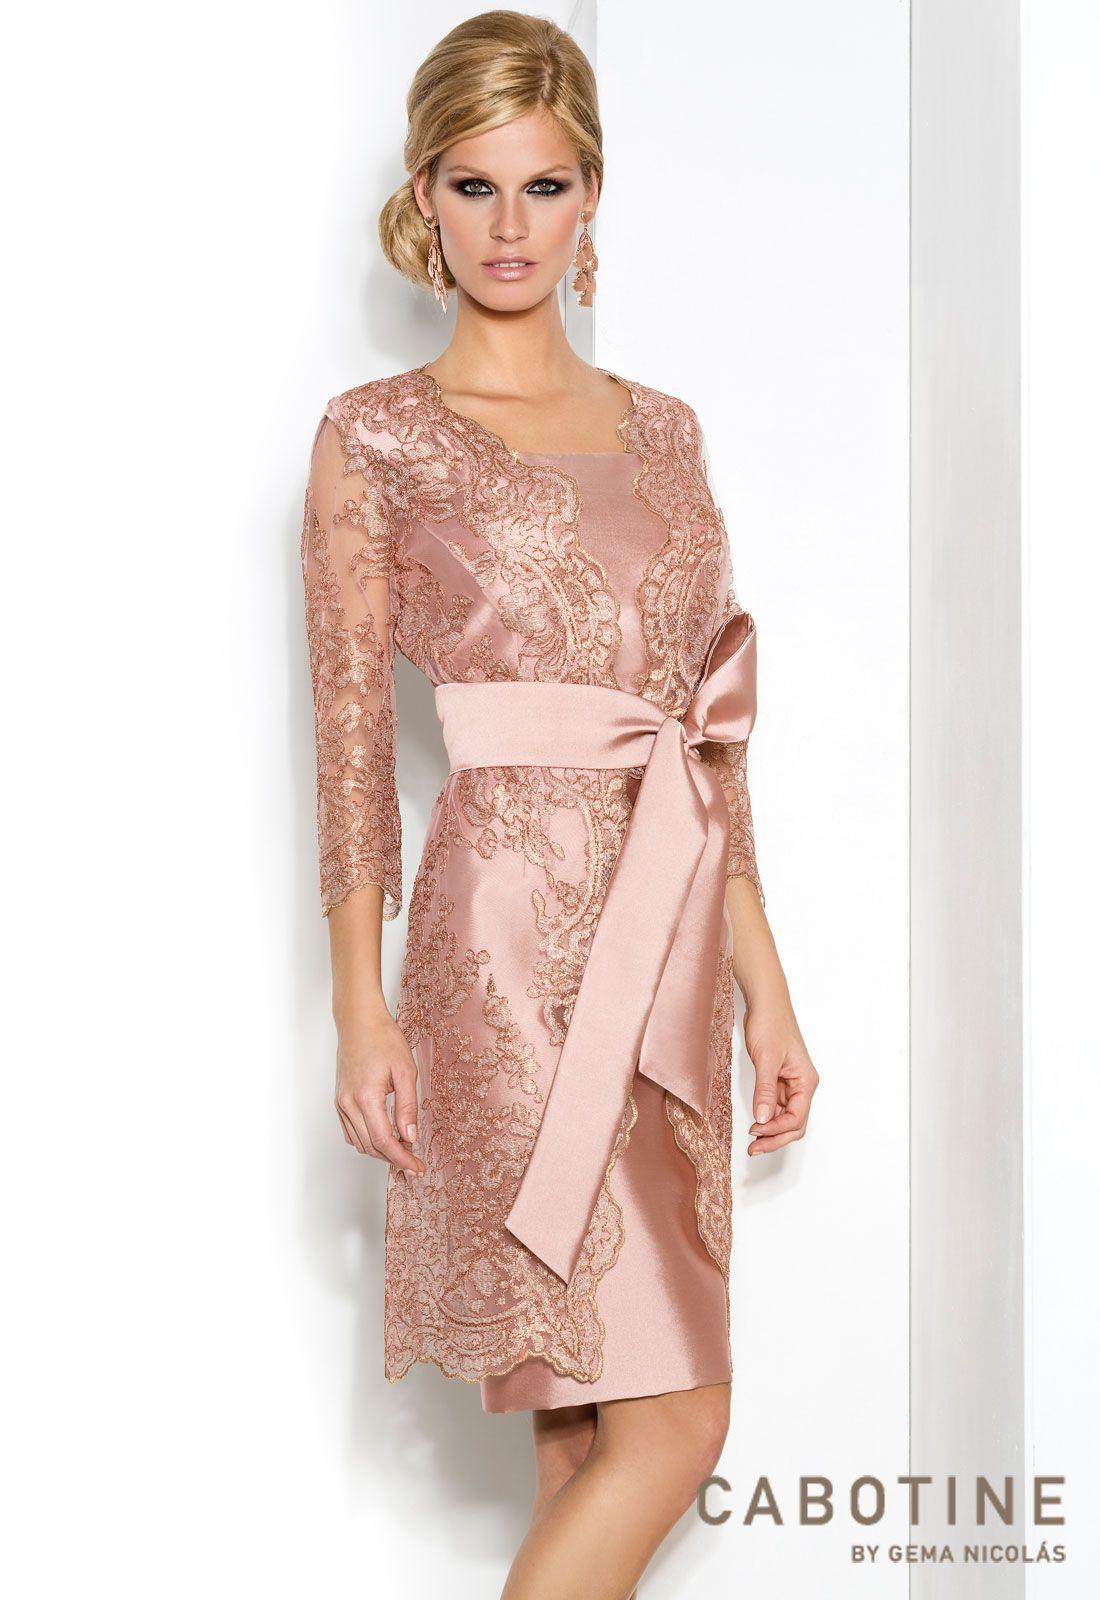 Tonalidad palo de rosa moda pinterest moda and fashion - Colores que combinan ...